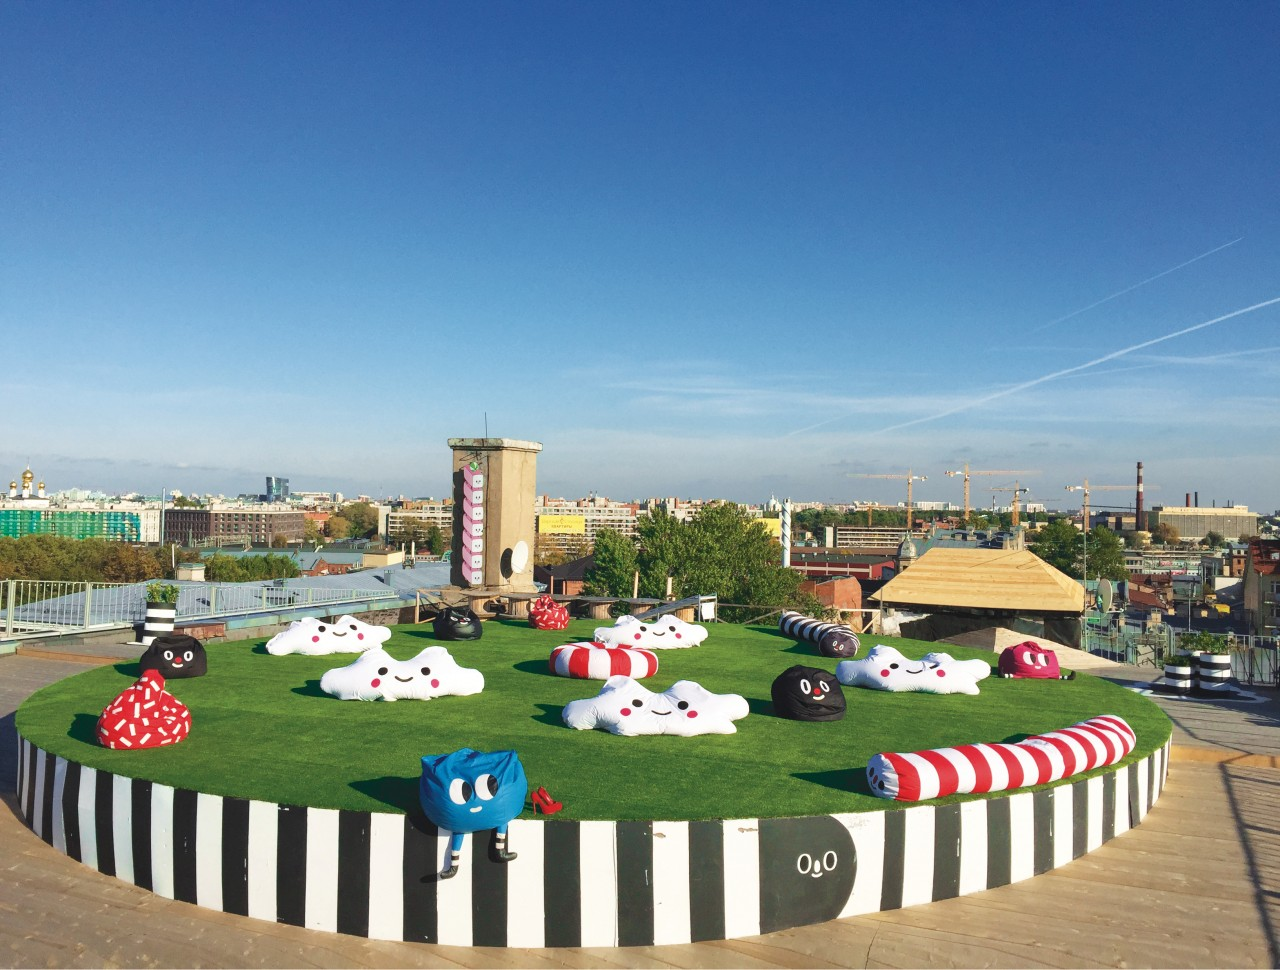 Le rooftop ludique du Loft Project Etazhi jouit d'une vue imprenable sur la ville. (© Loft Project Etazhi))